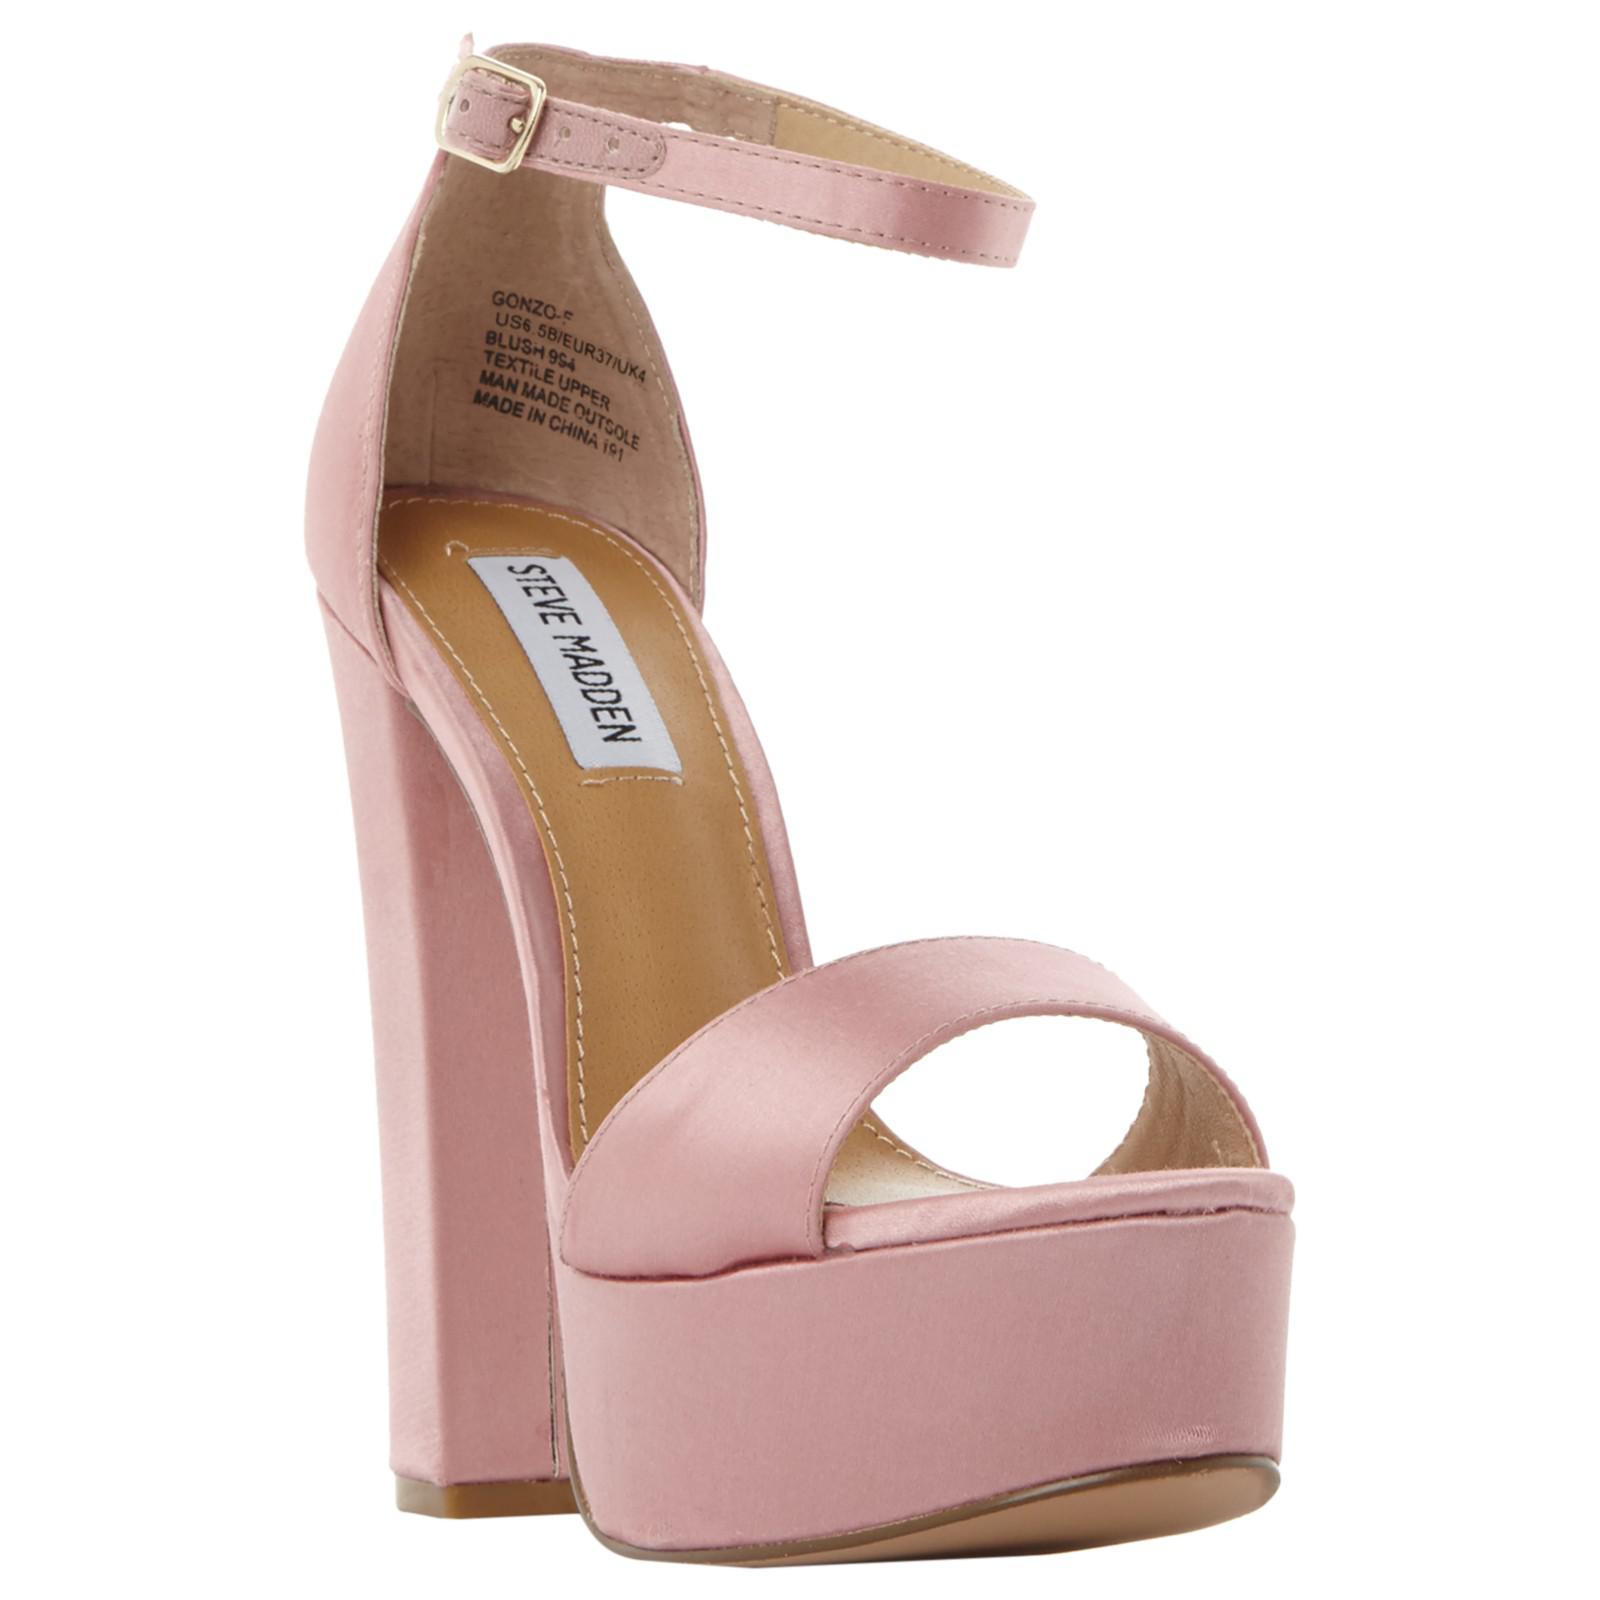 e805d12960d Steve Madden Gonzo Platform Block Heeled Sandals in Pink - Lyst